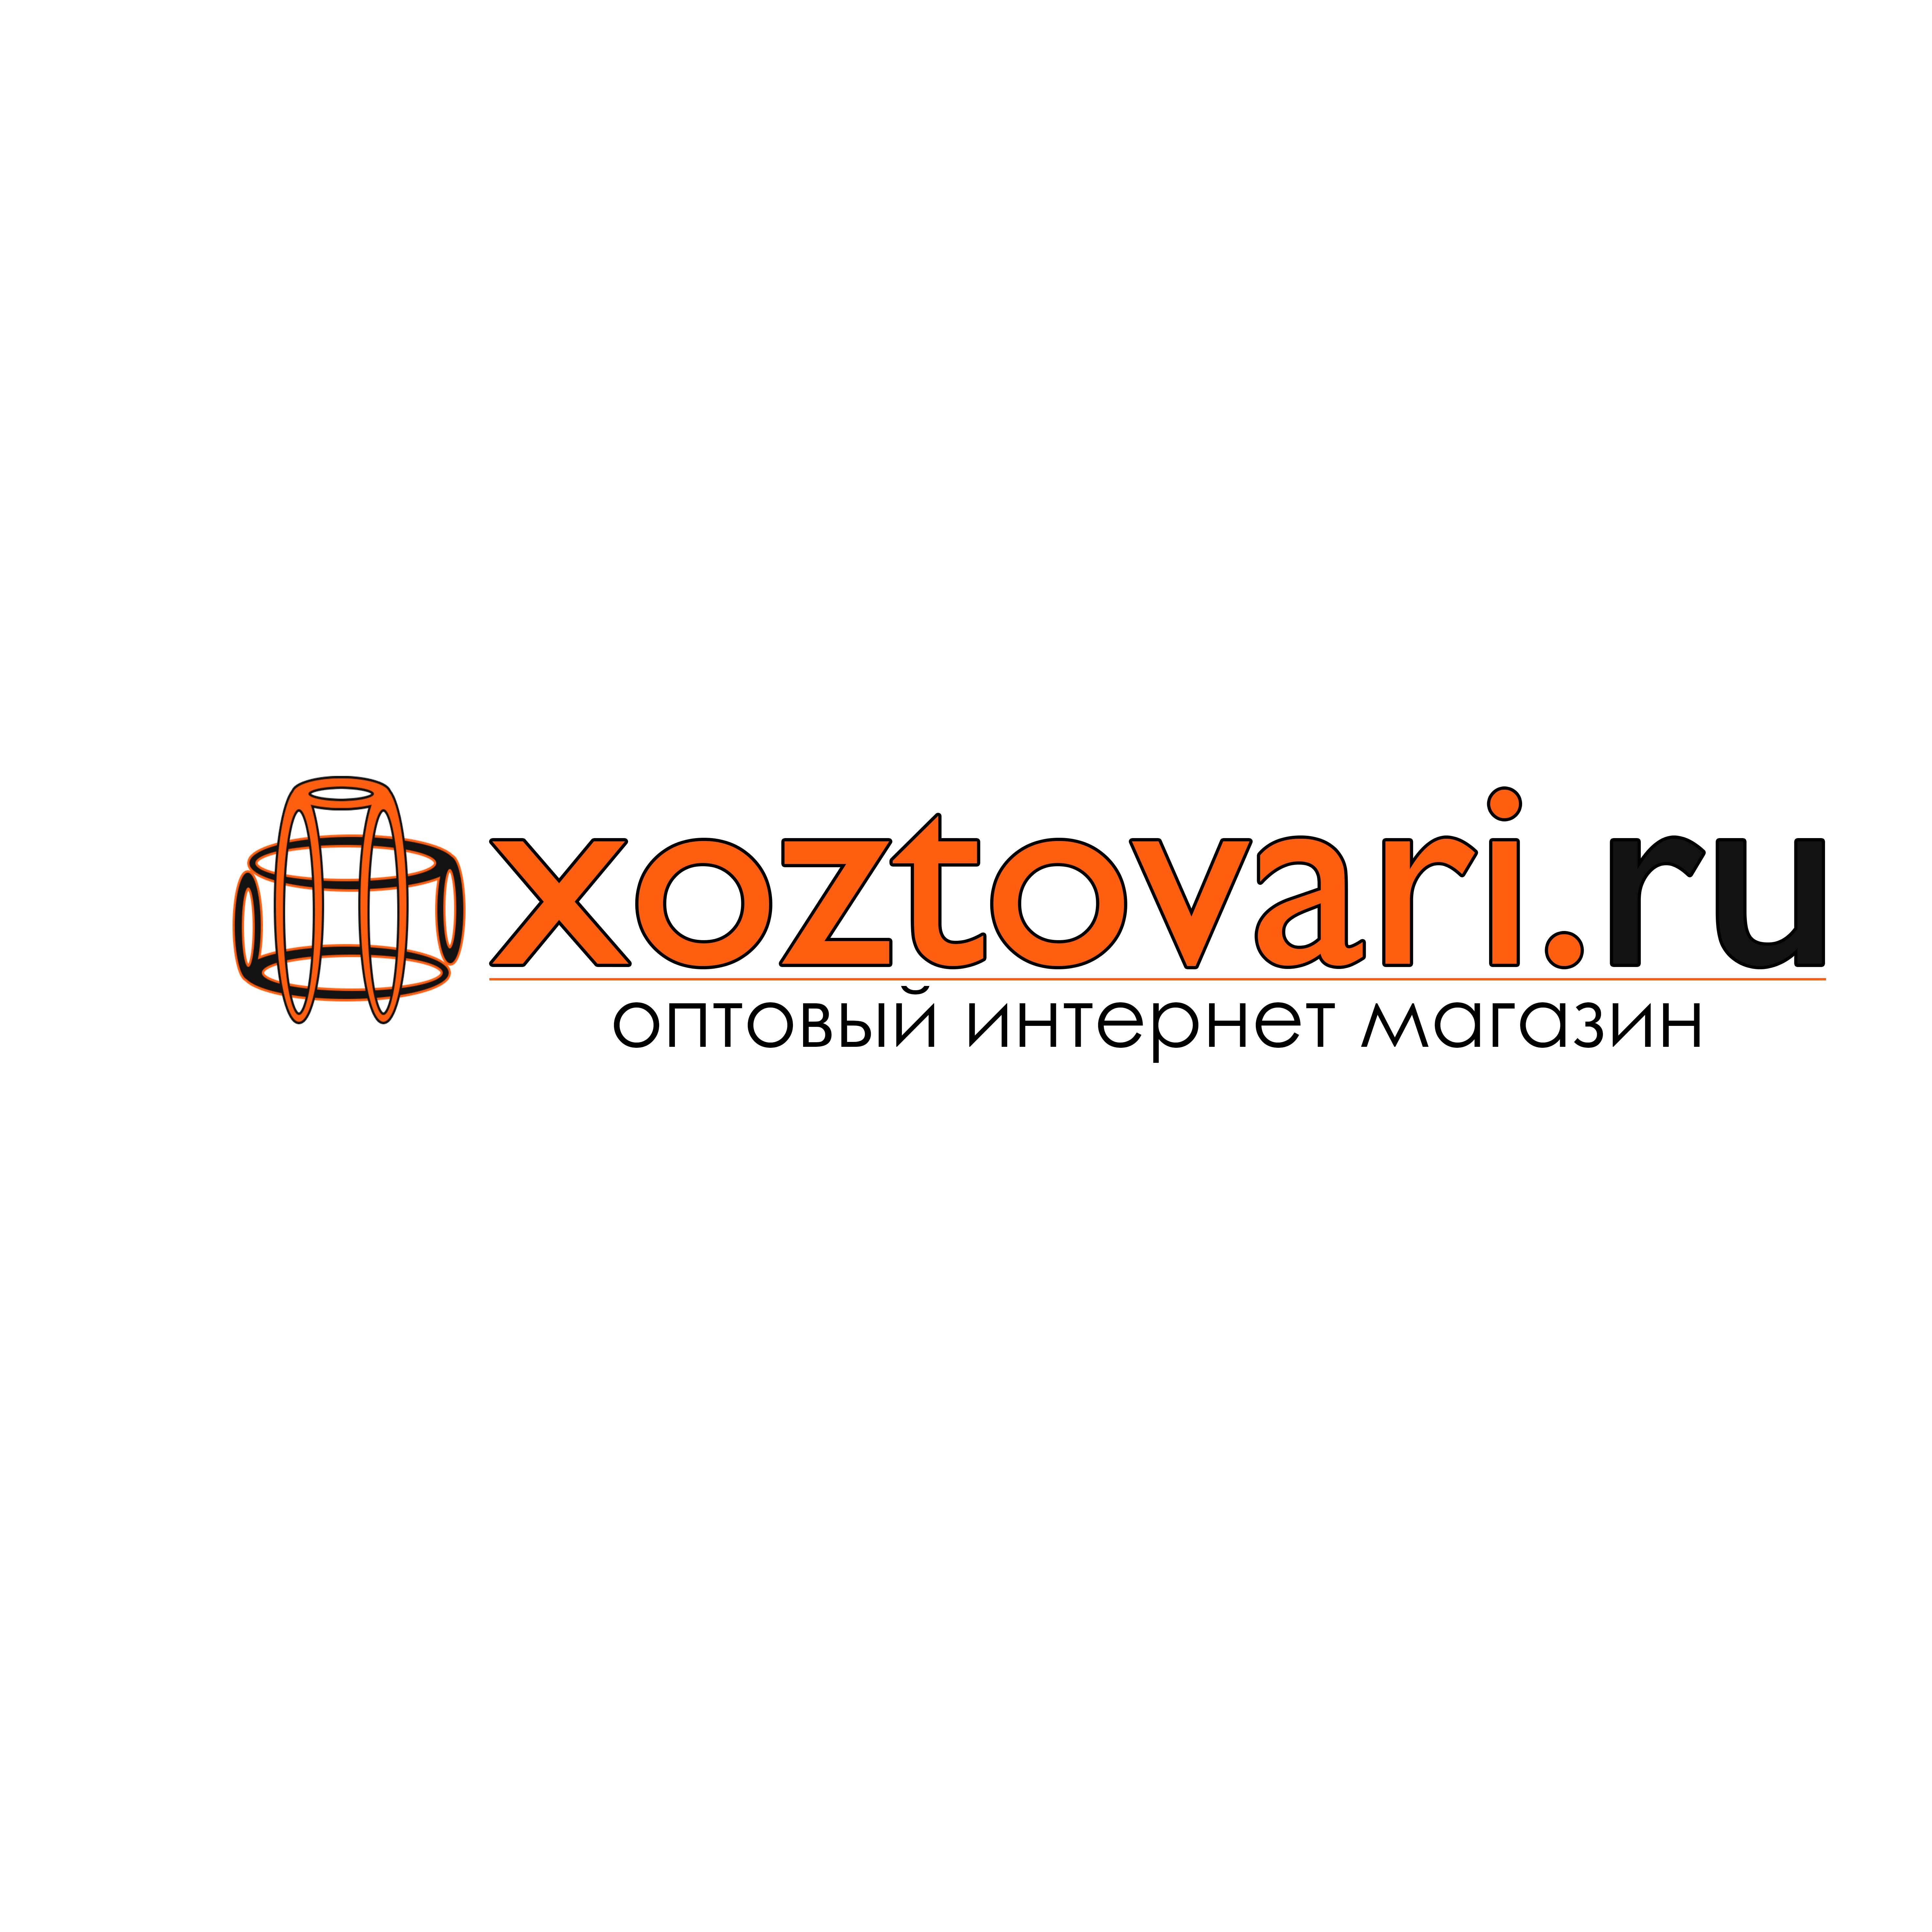 Разработка логотипа для оптового интернет-магазина «Хозтовары.ру» фото f_15360741ec46ace1.jpg